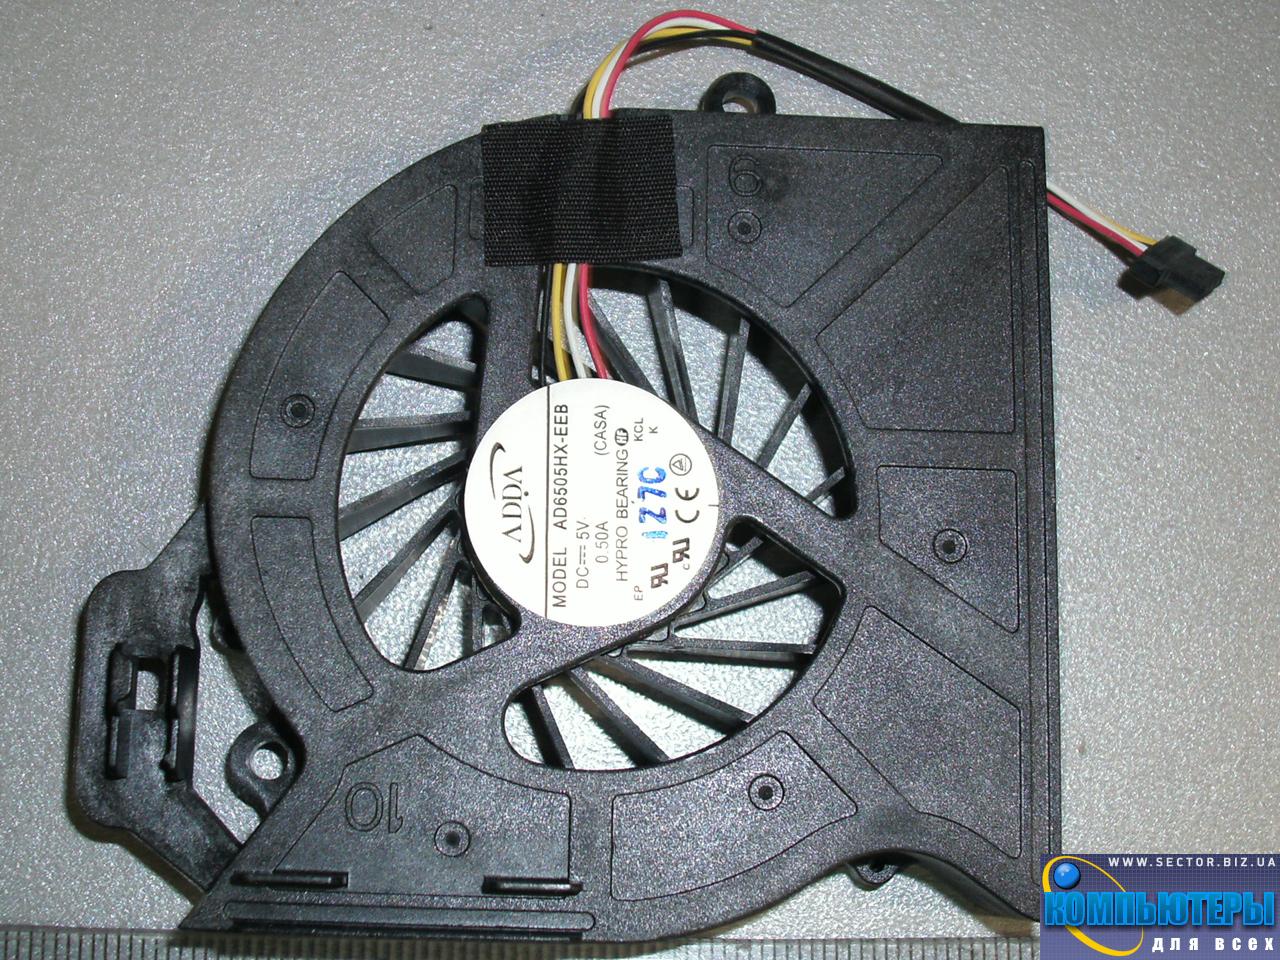 Кулер к ноутбуку HP Pavilion DV6-6200 DV6-6b00 DV6-6c00 DV7-6000 ProBook 4530S p/n: AD6505HX-EEB (CASA). Фото № 2.